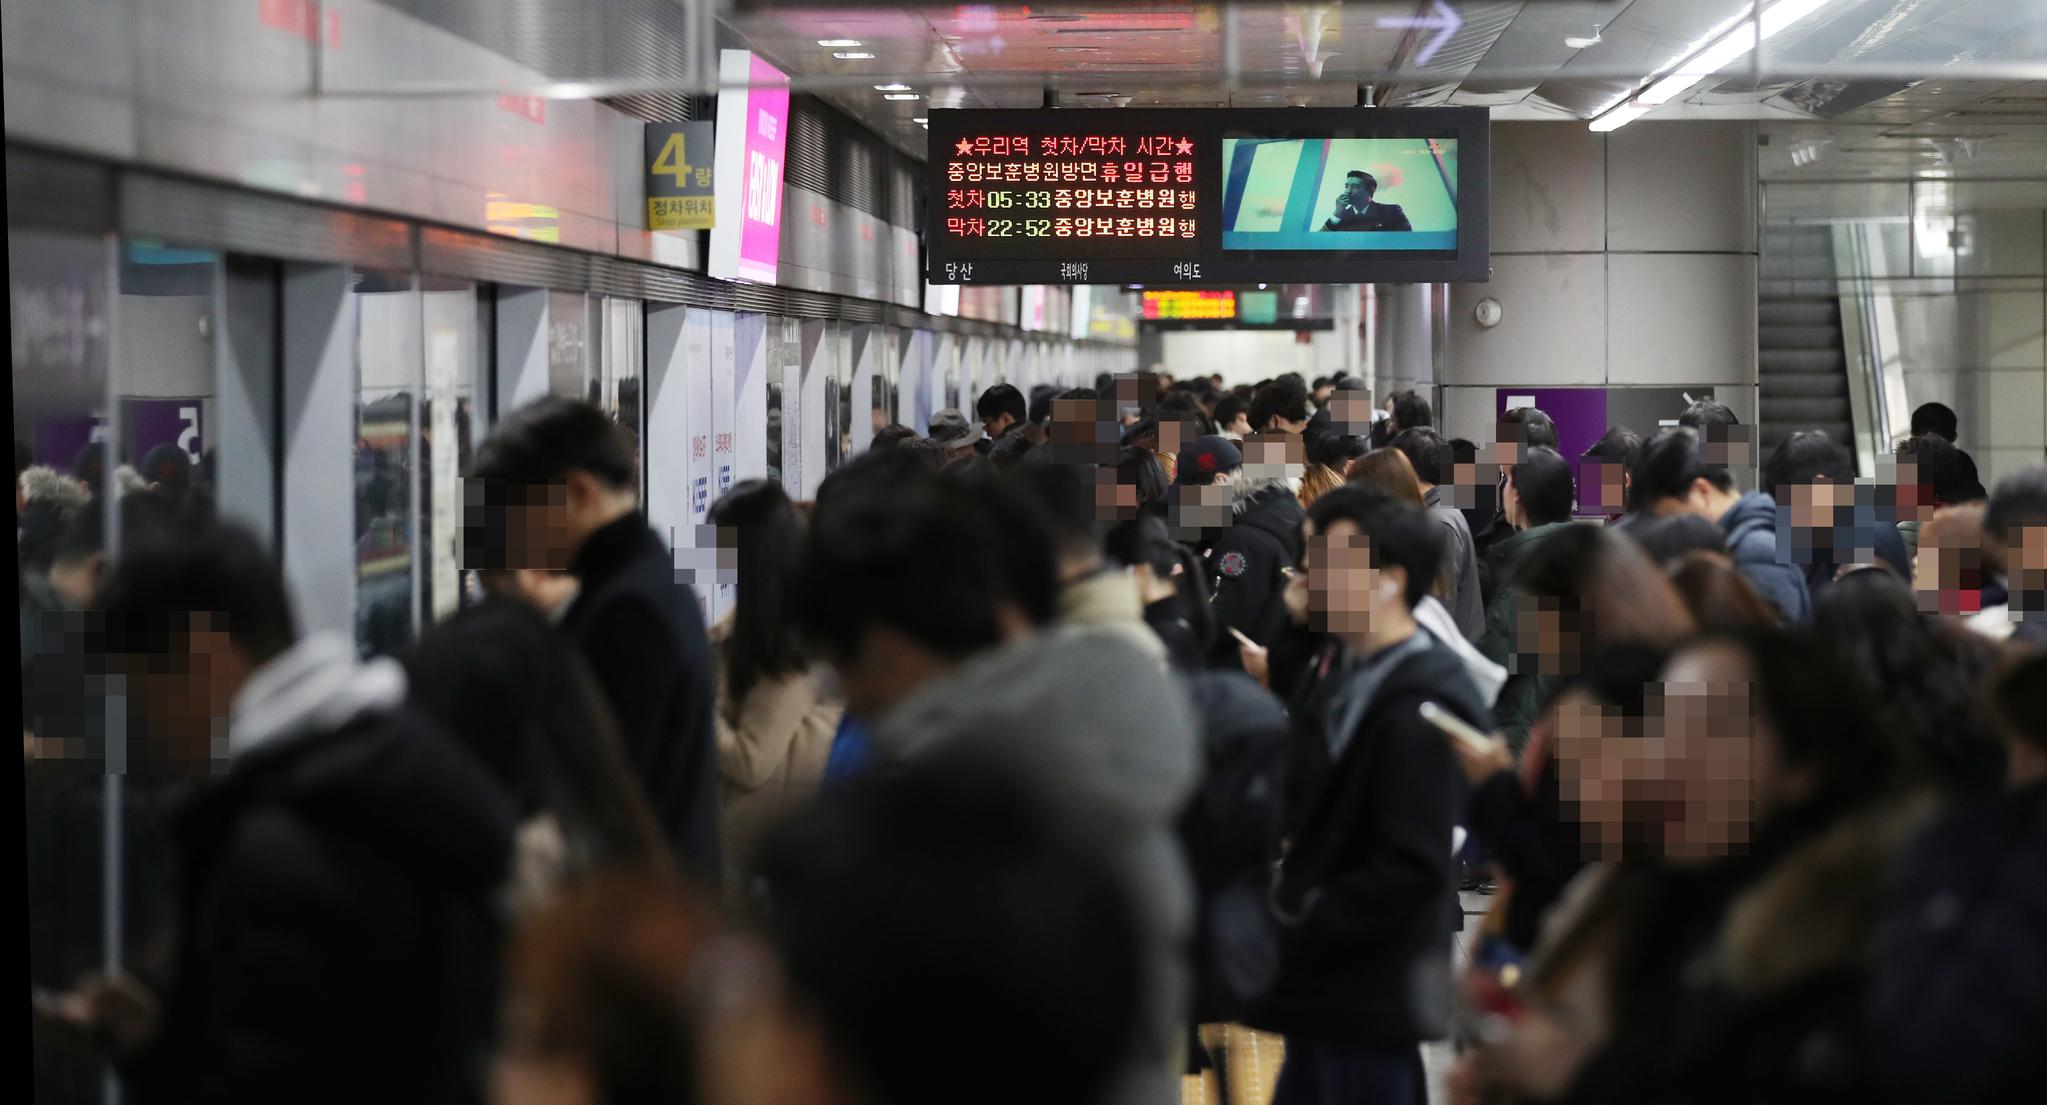 서울 지하철 9호선 3단계 구간 개통 후 첫 출근일인 3일 오전 5호선과 환승역인 서울 여의도역 승강장이 승객들로 붐비고 있다. [뉴시스]